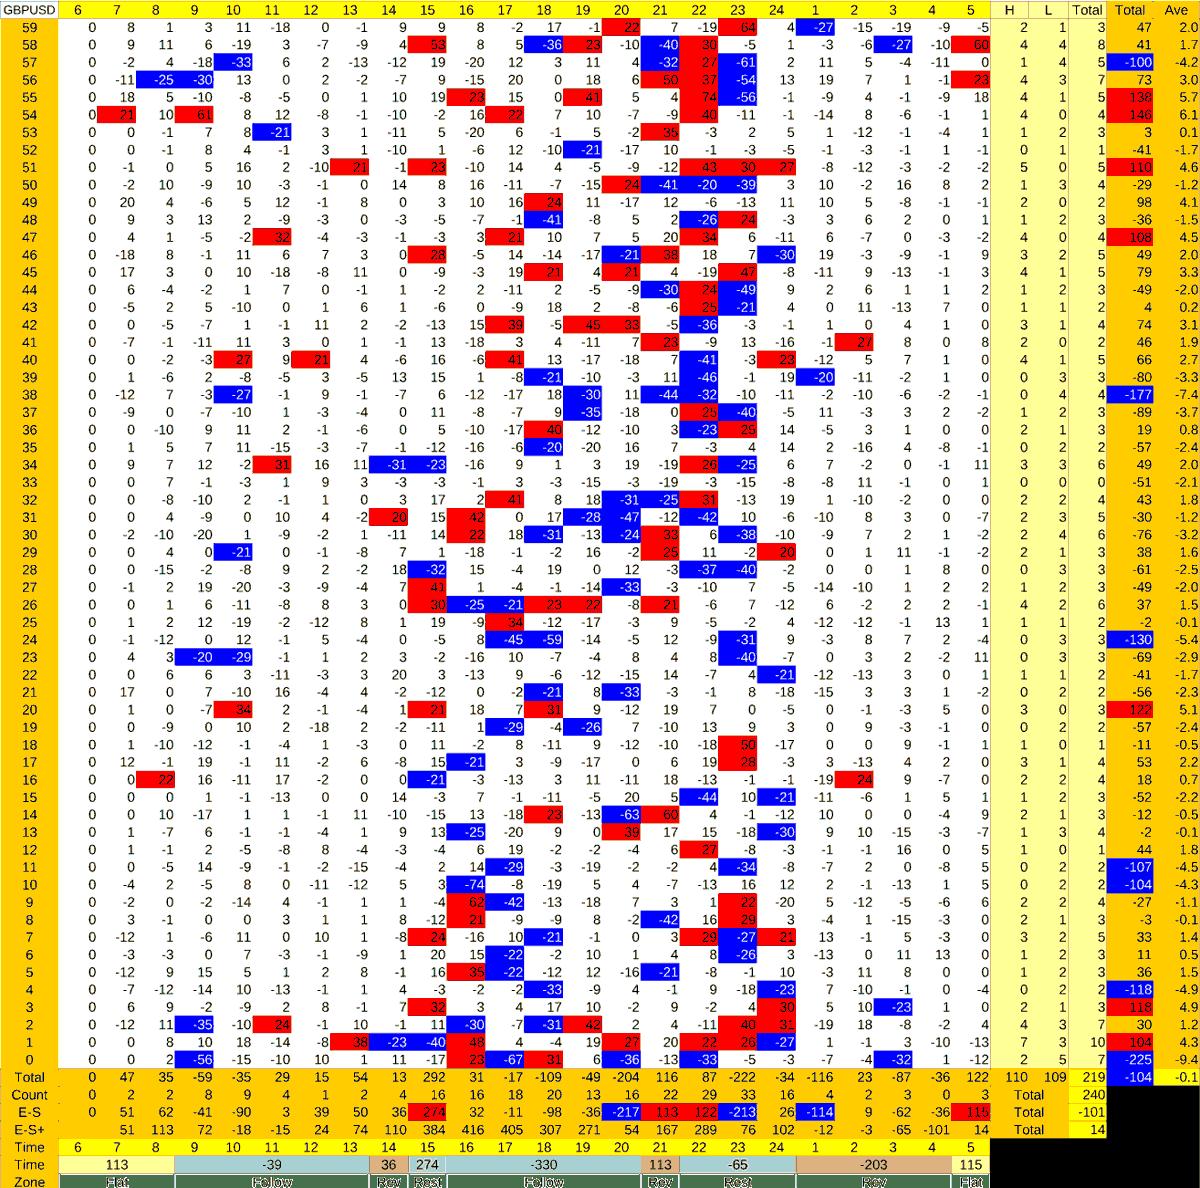 20210628_HS(2)GBPUSD